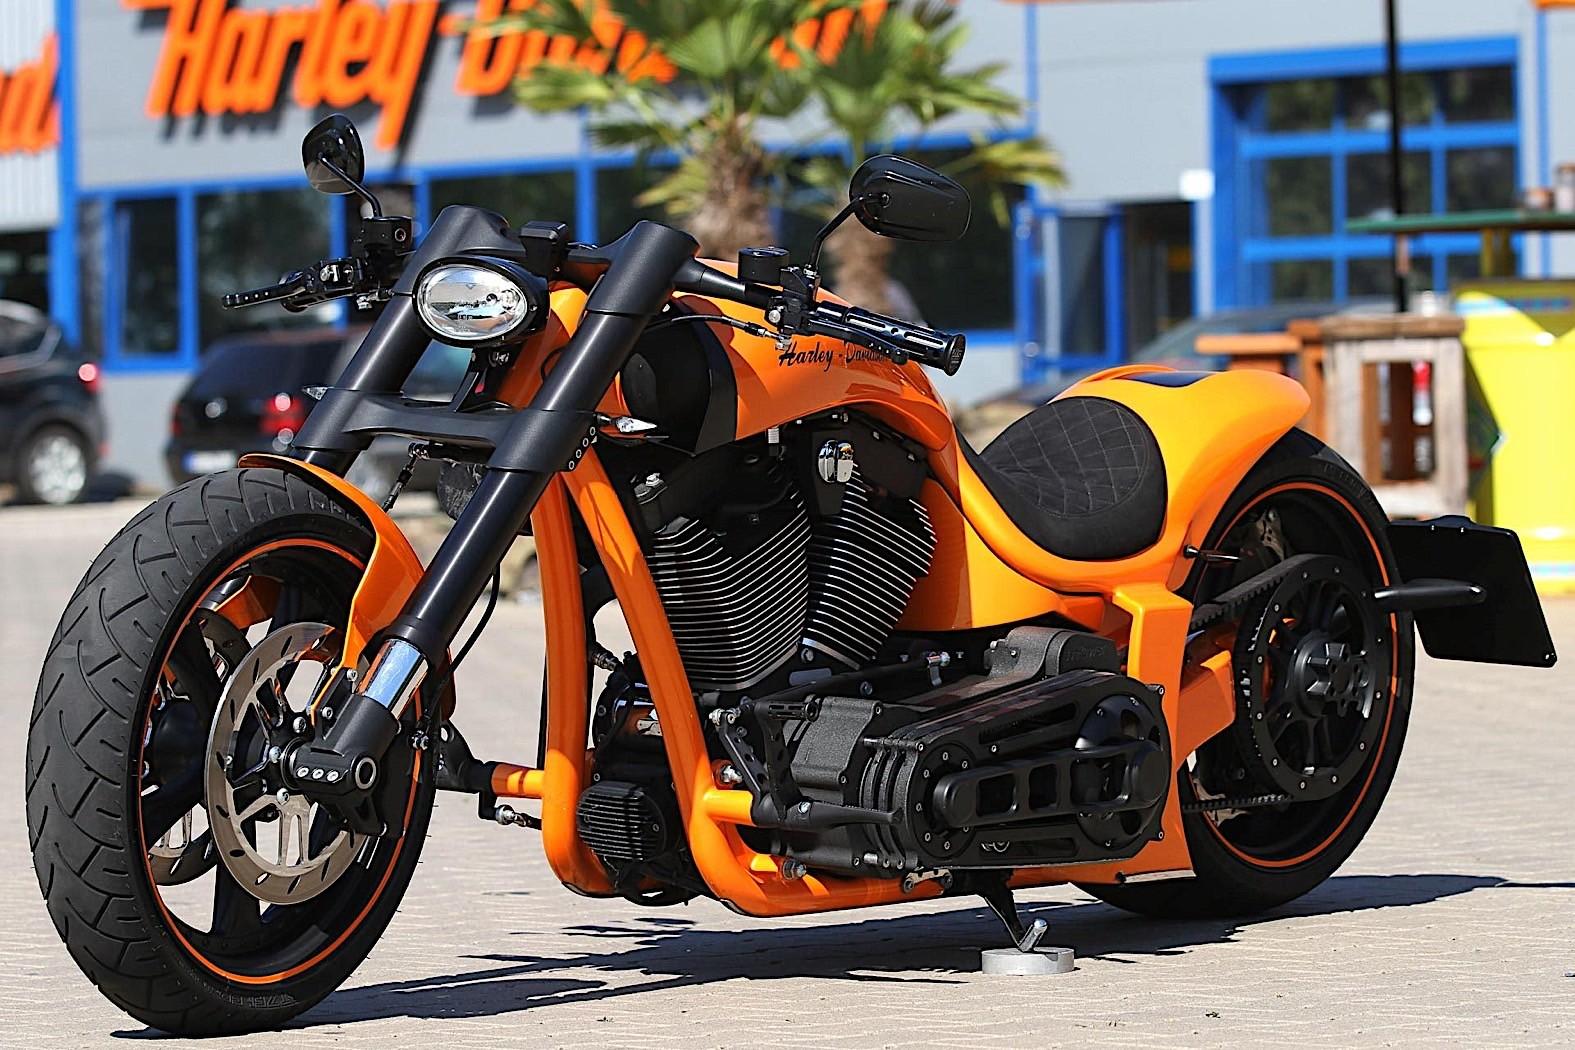 Harley Davidson   Return of the Cafe Racers